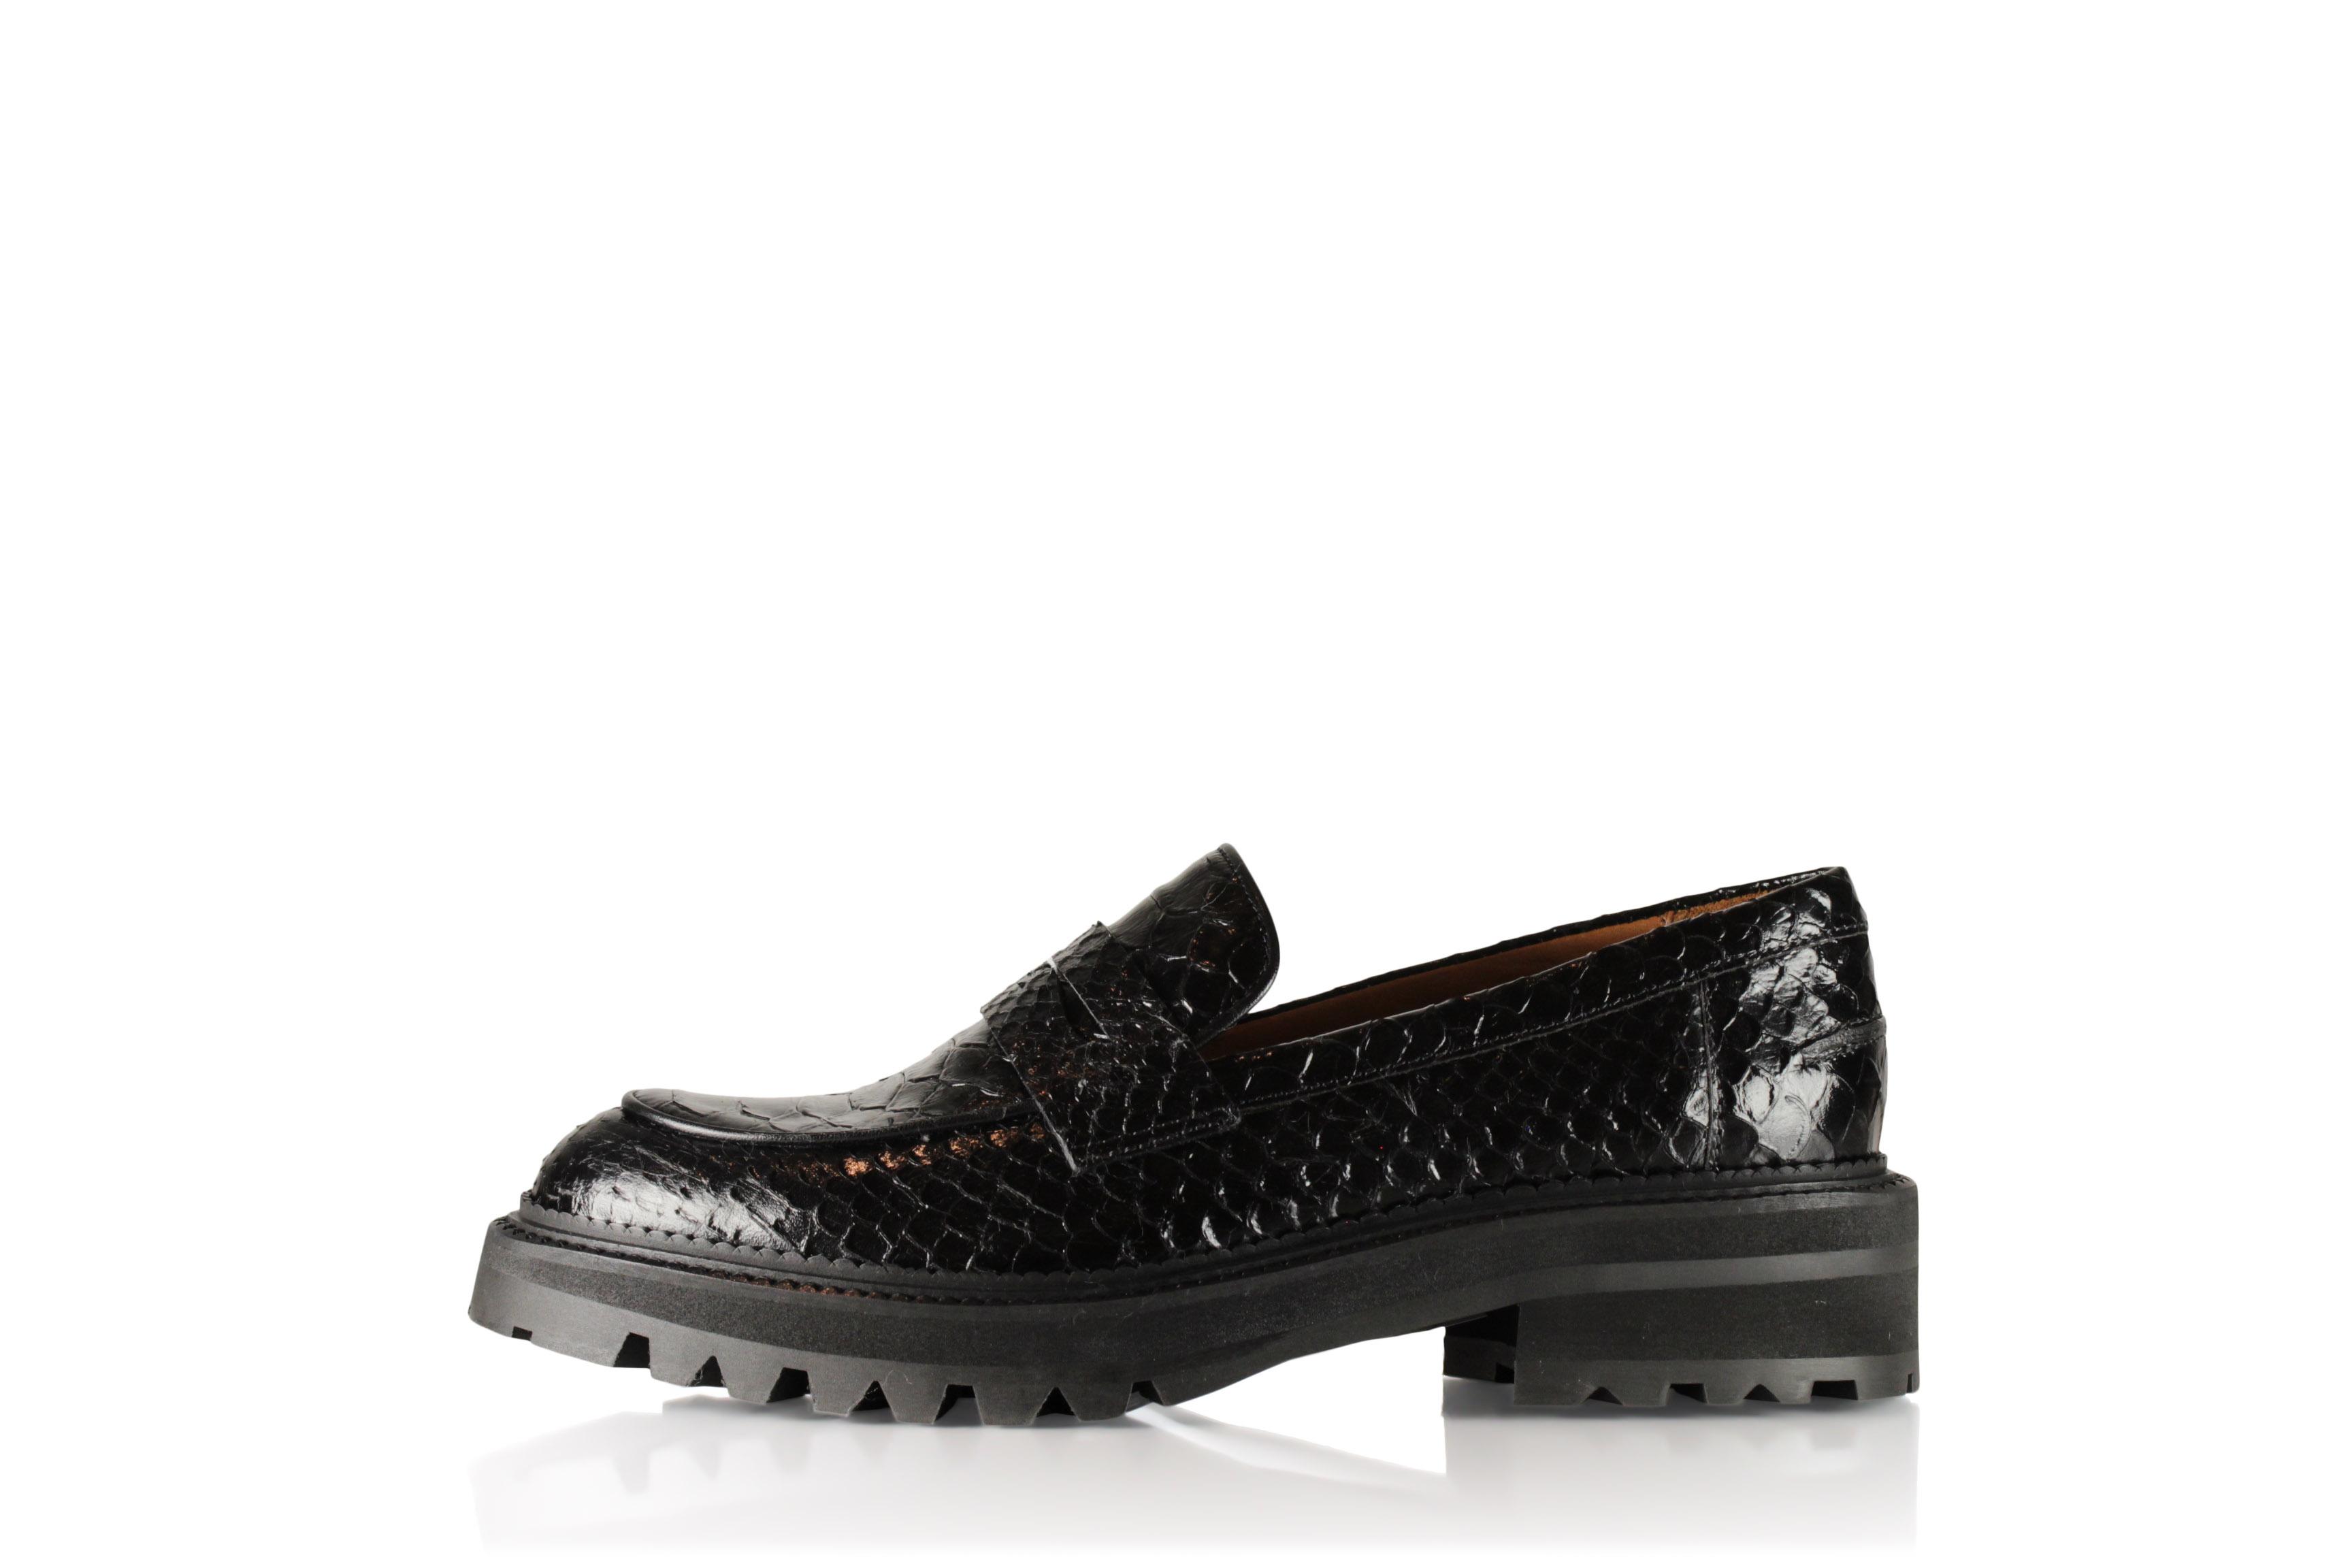 Billi bi A1360 loafer